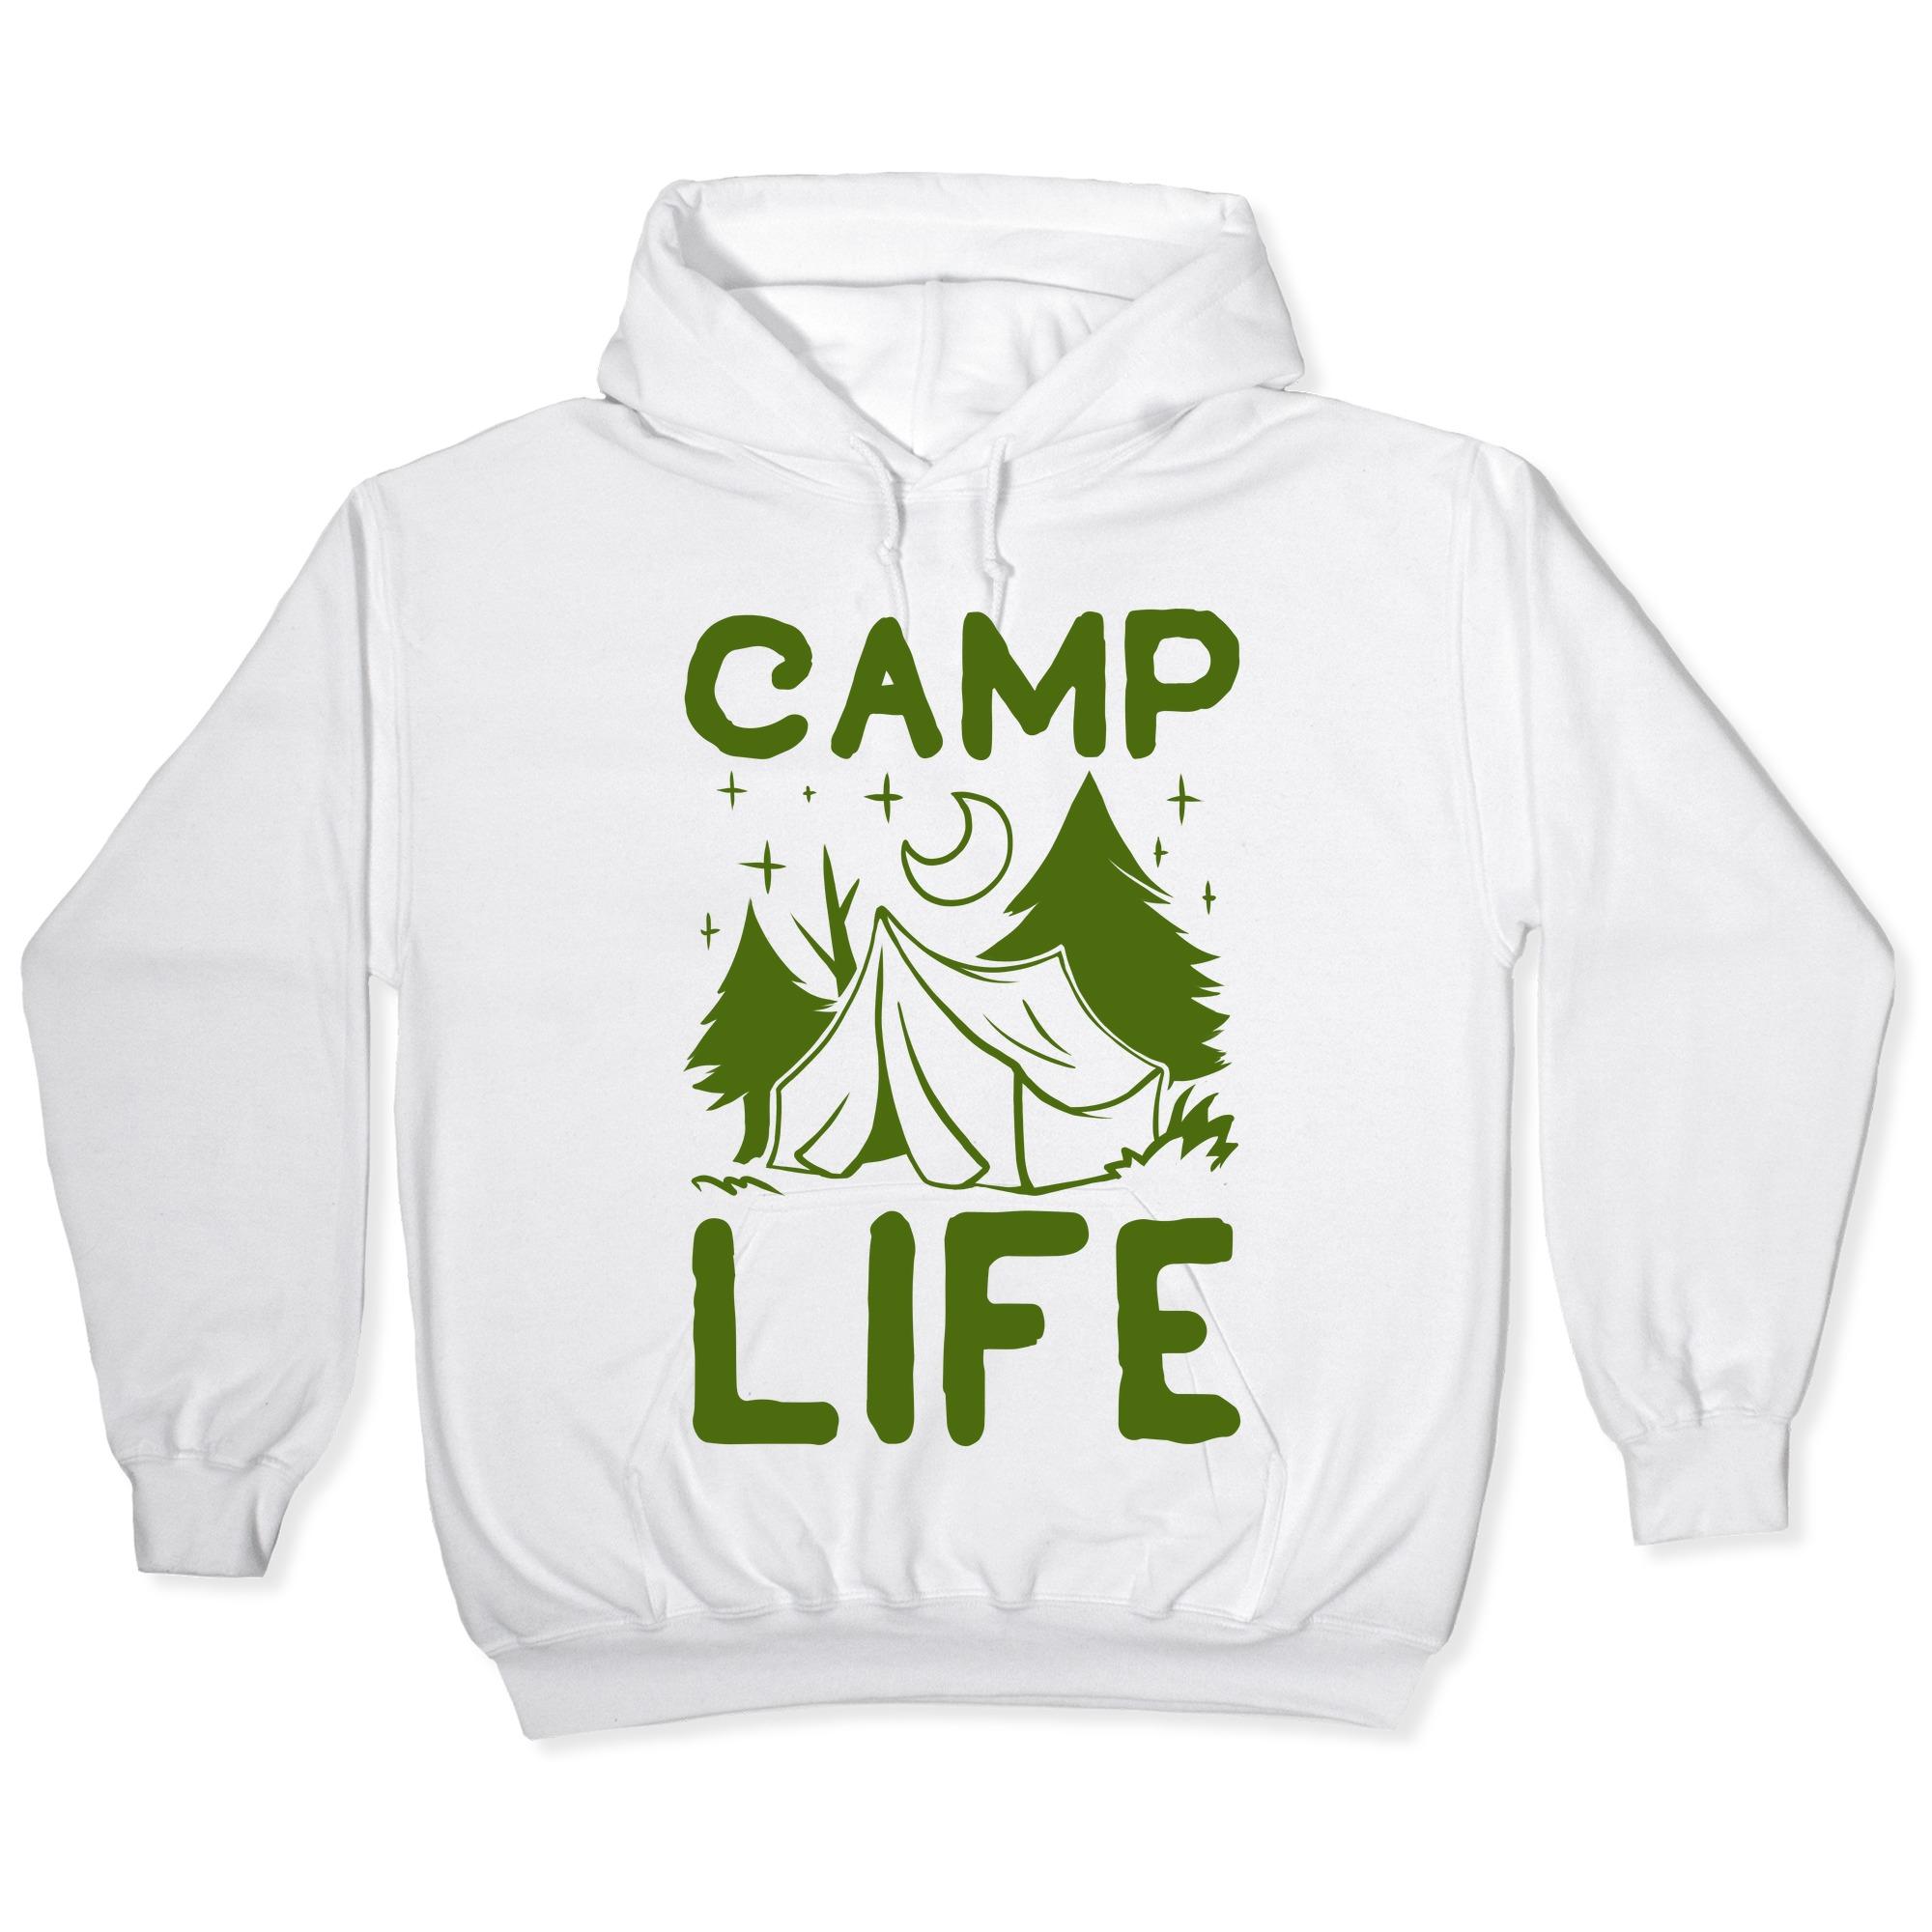 CAMP LIFE HOODIE